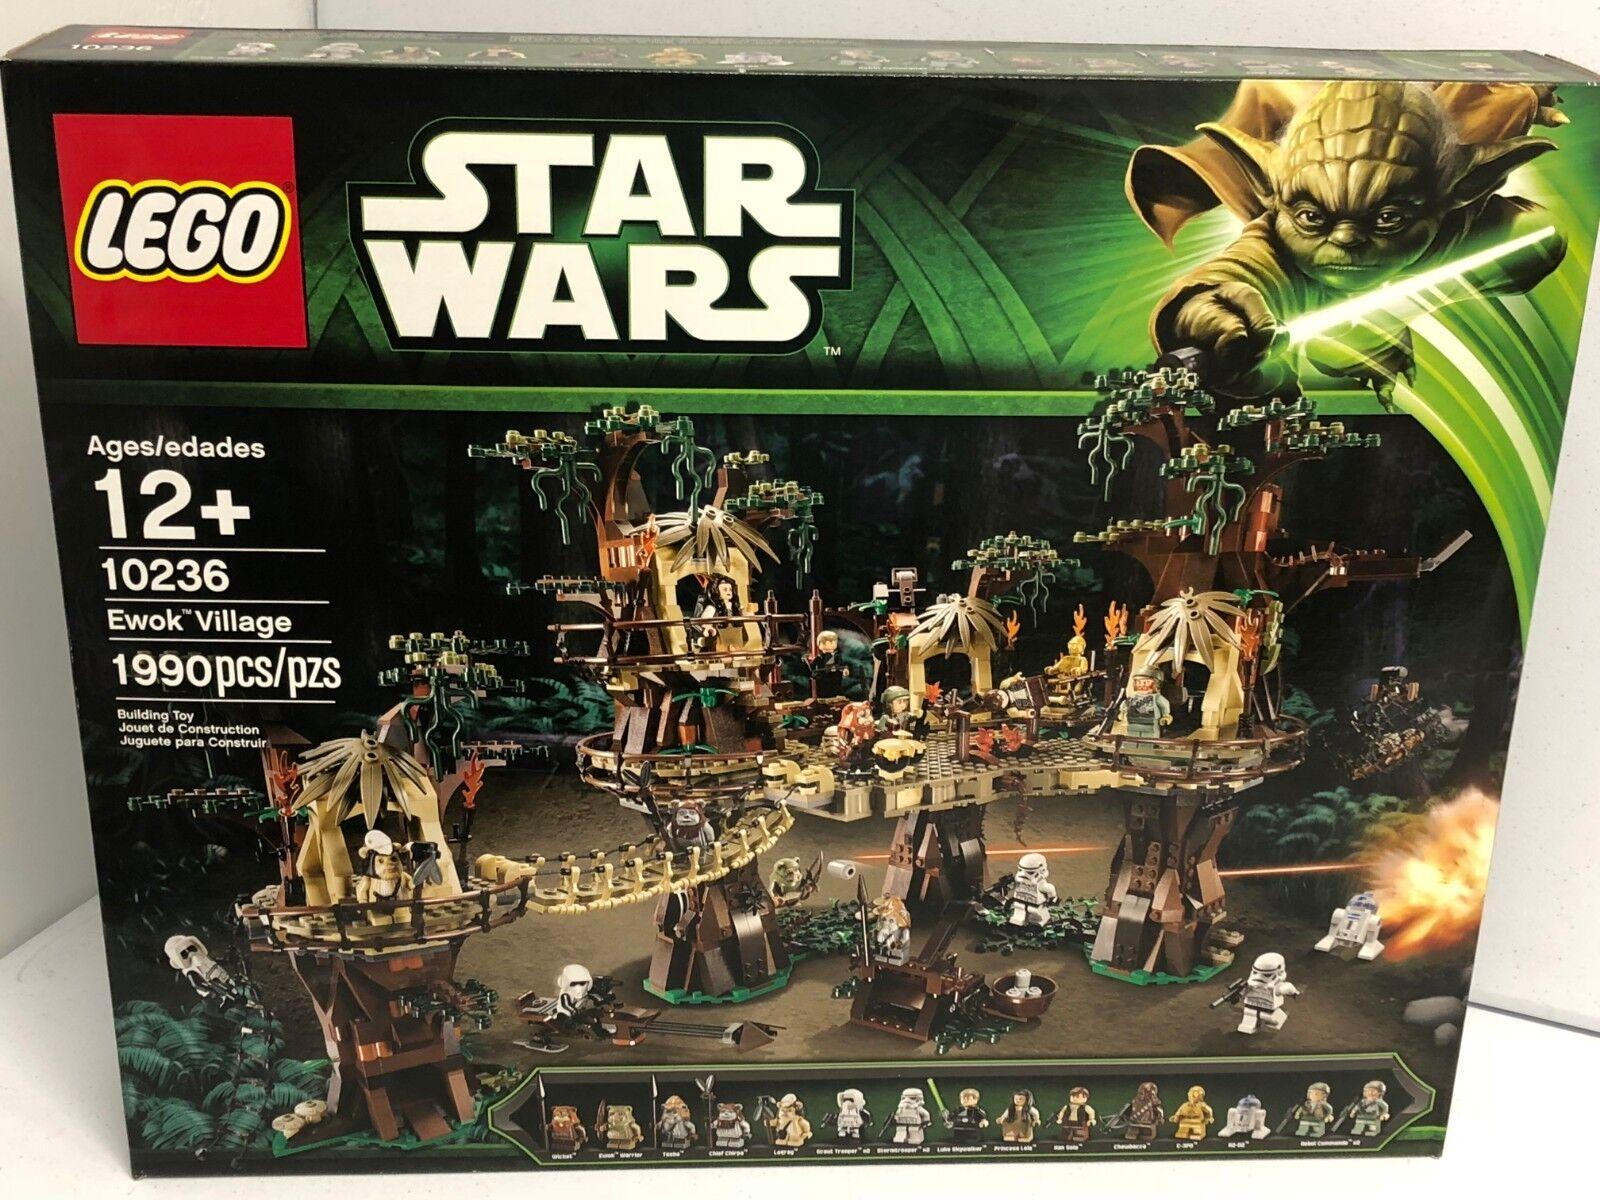 Lego 10236 Ewok village 17 figures retraité Difficile à trouver NEUF boîte scellée 1990 pcs